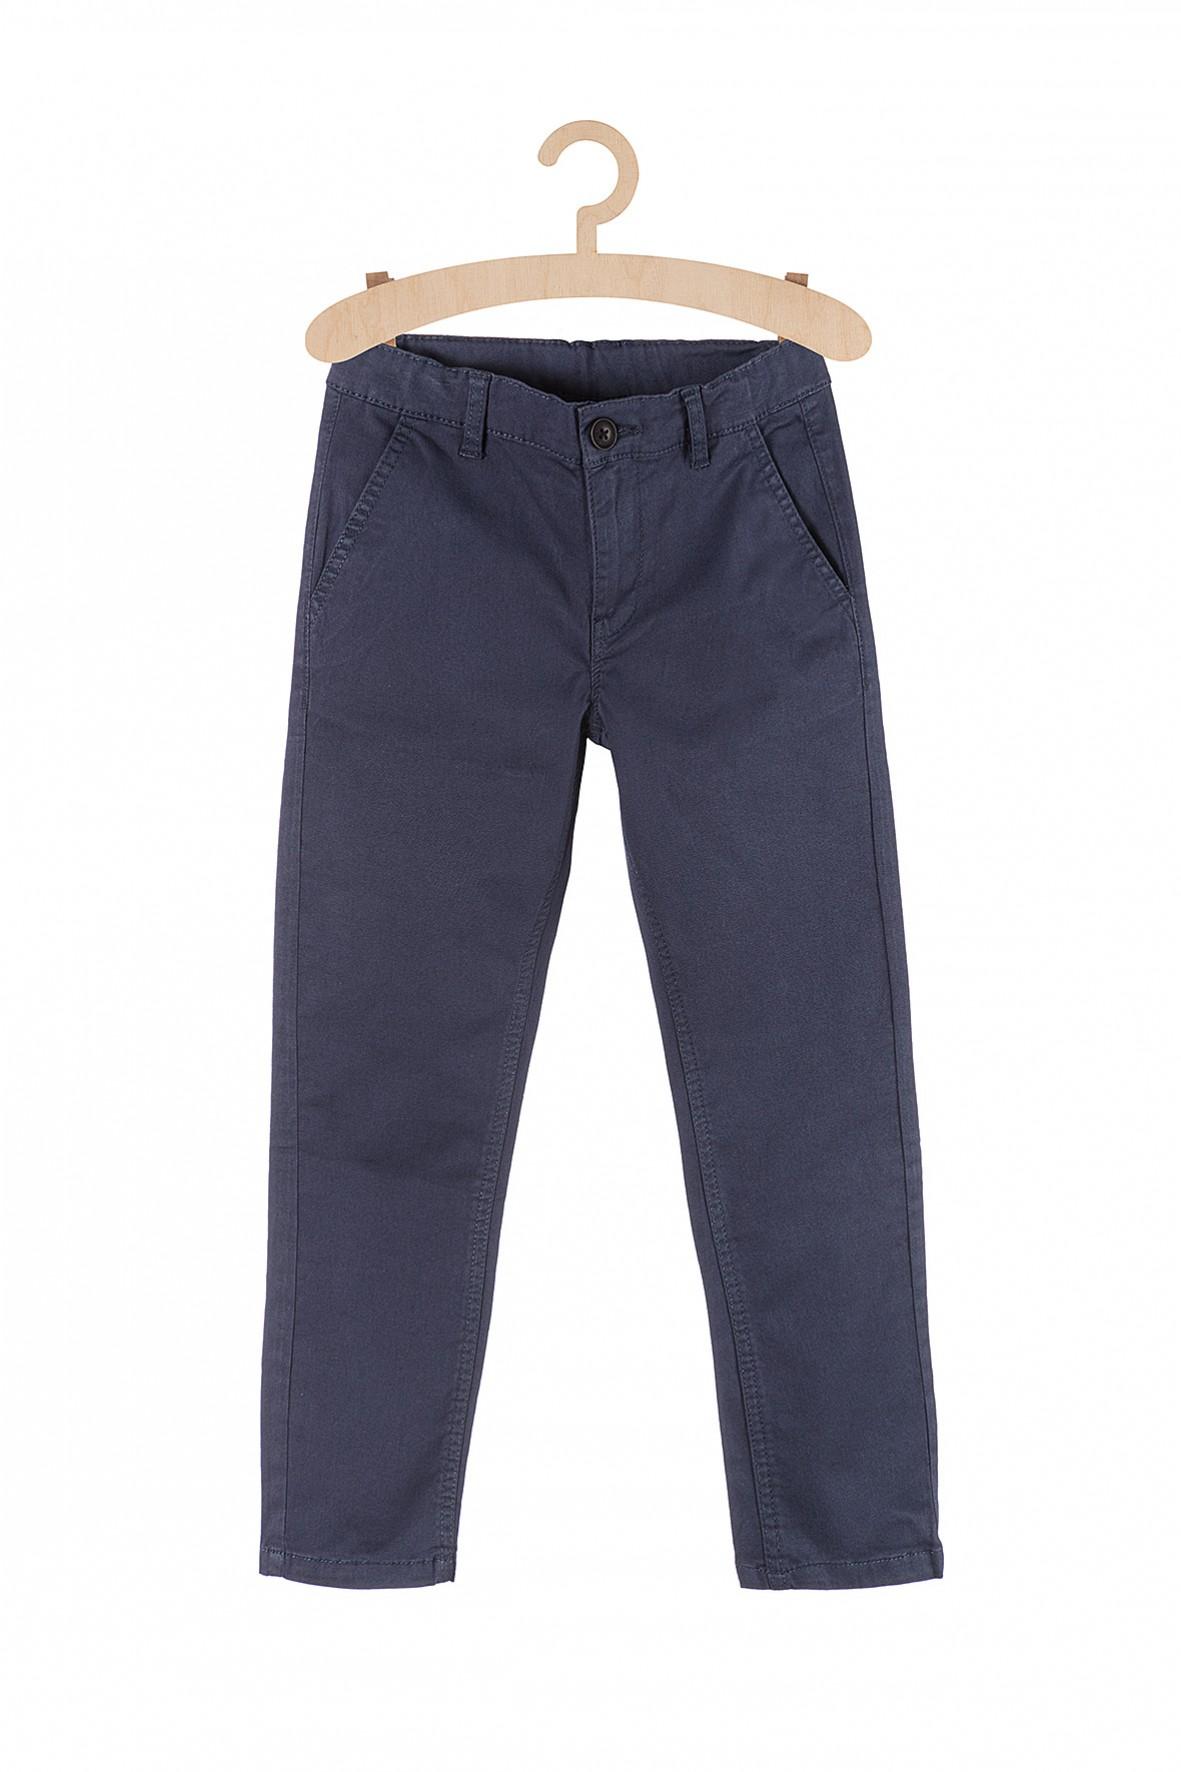 Spodnie chłopięce granatowe- klasyczne